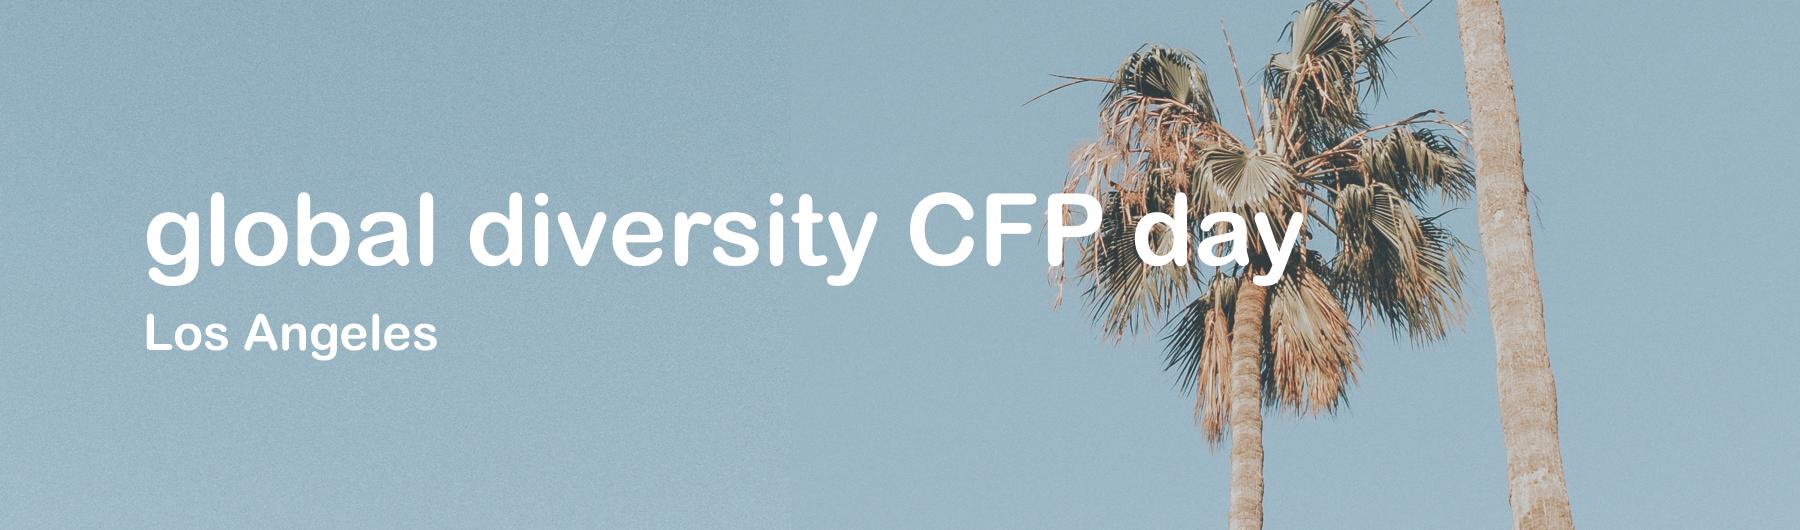 GDCFP Los Angeles 2019